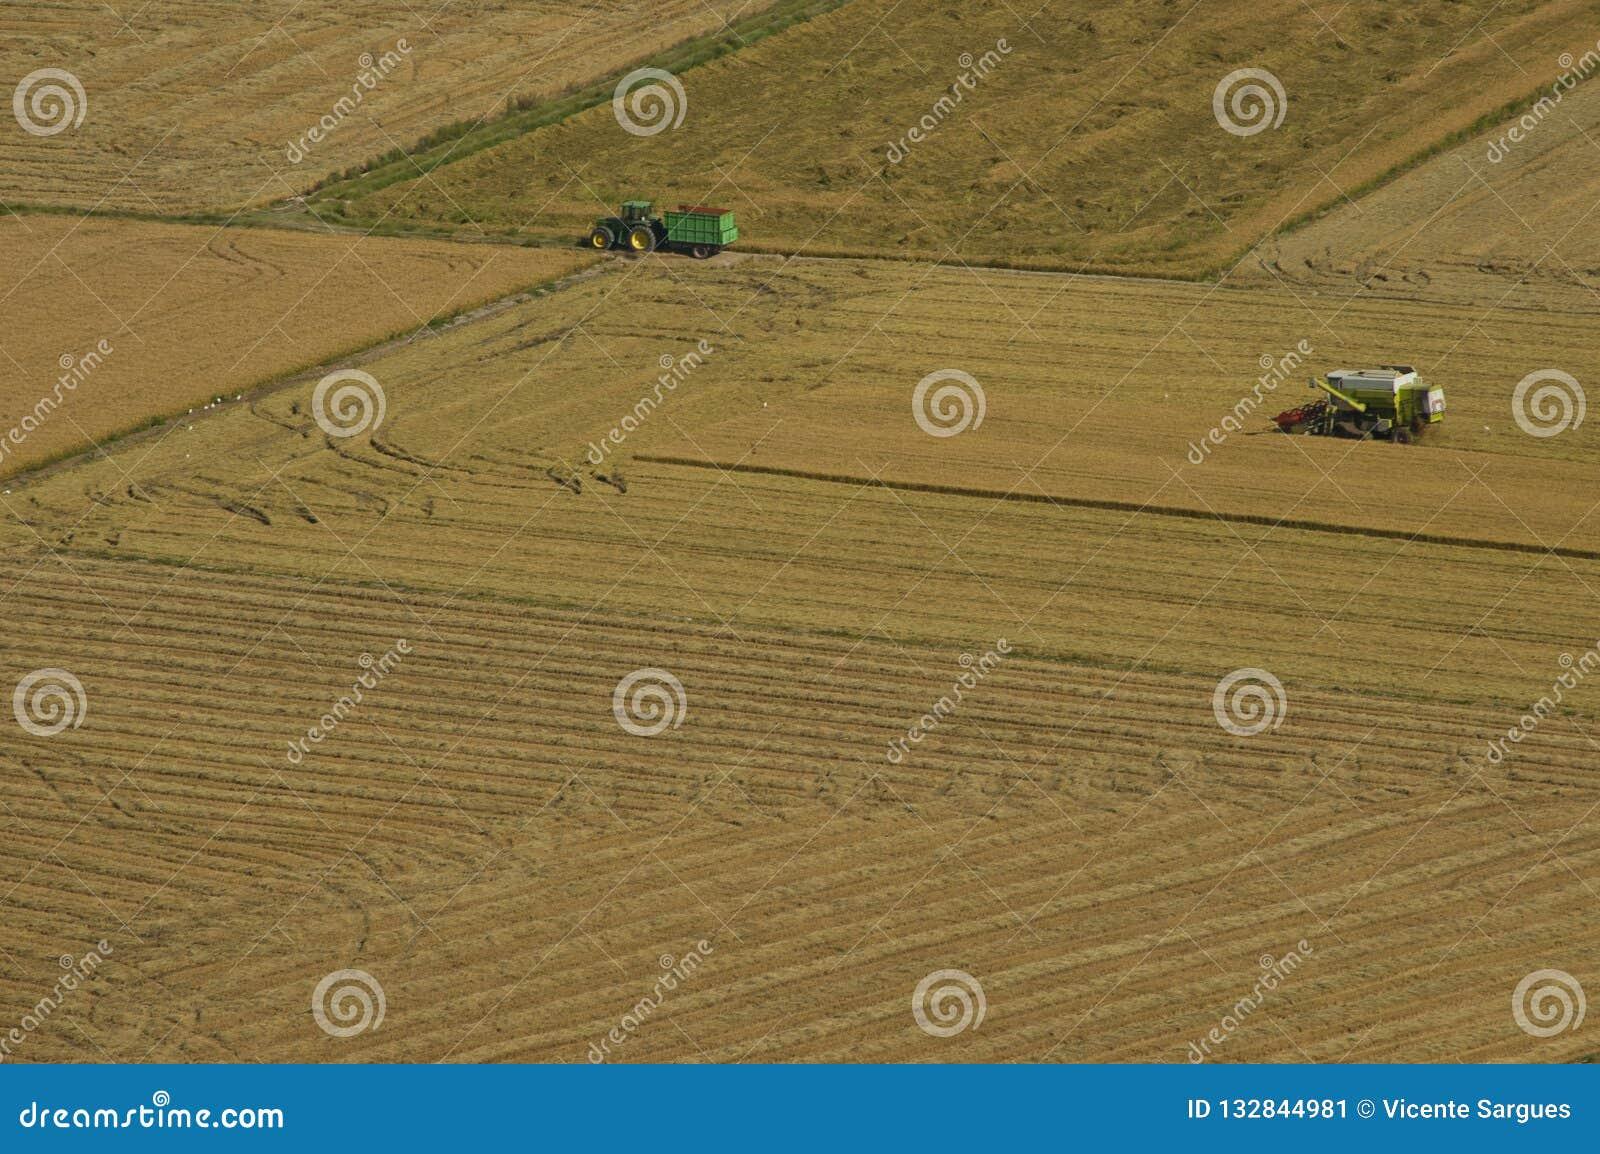 Жатка и трактор жать поля риса